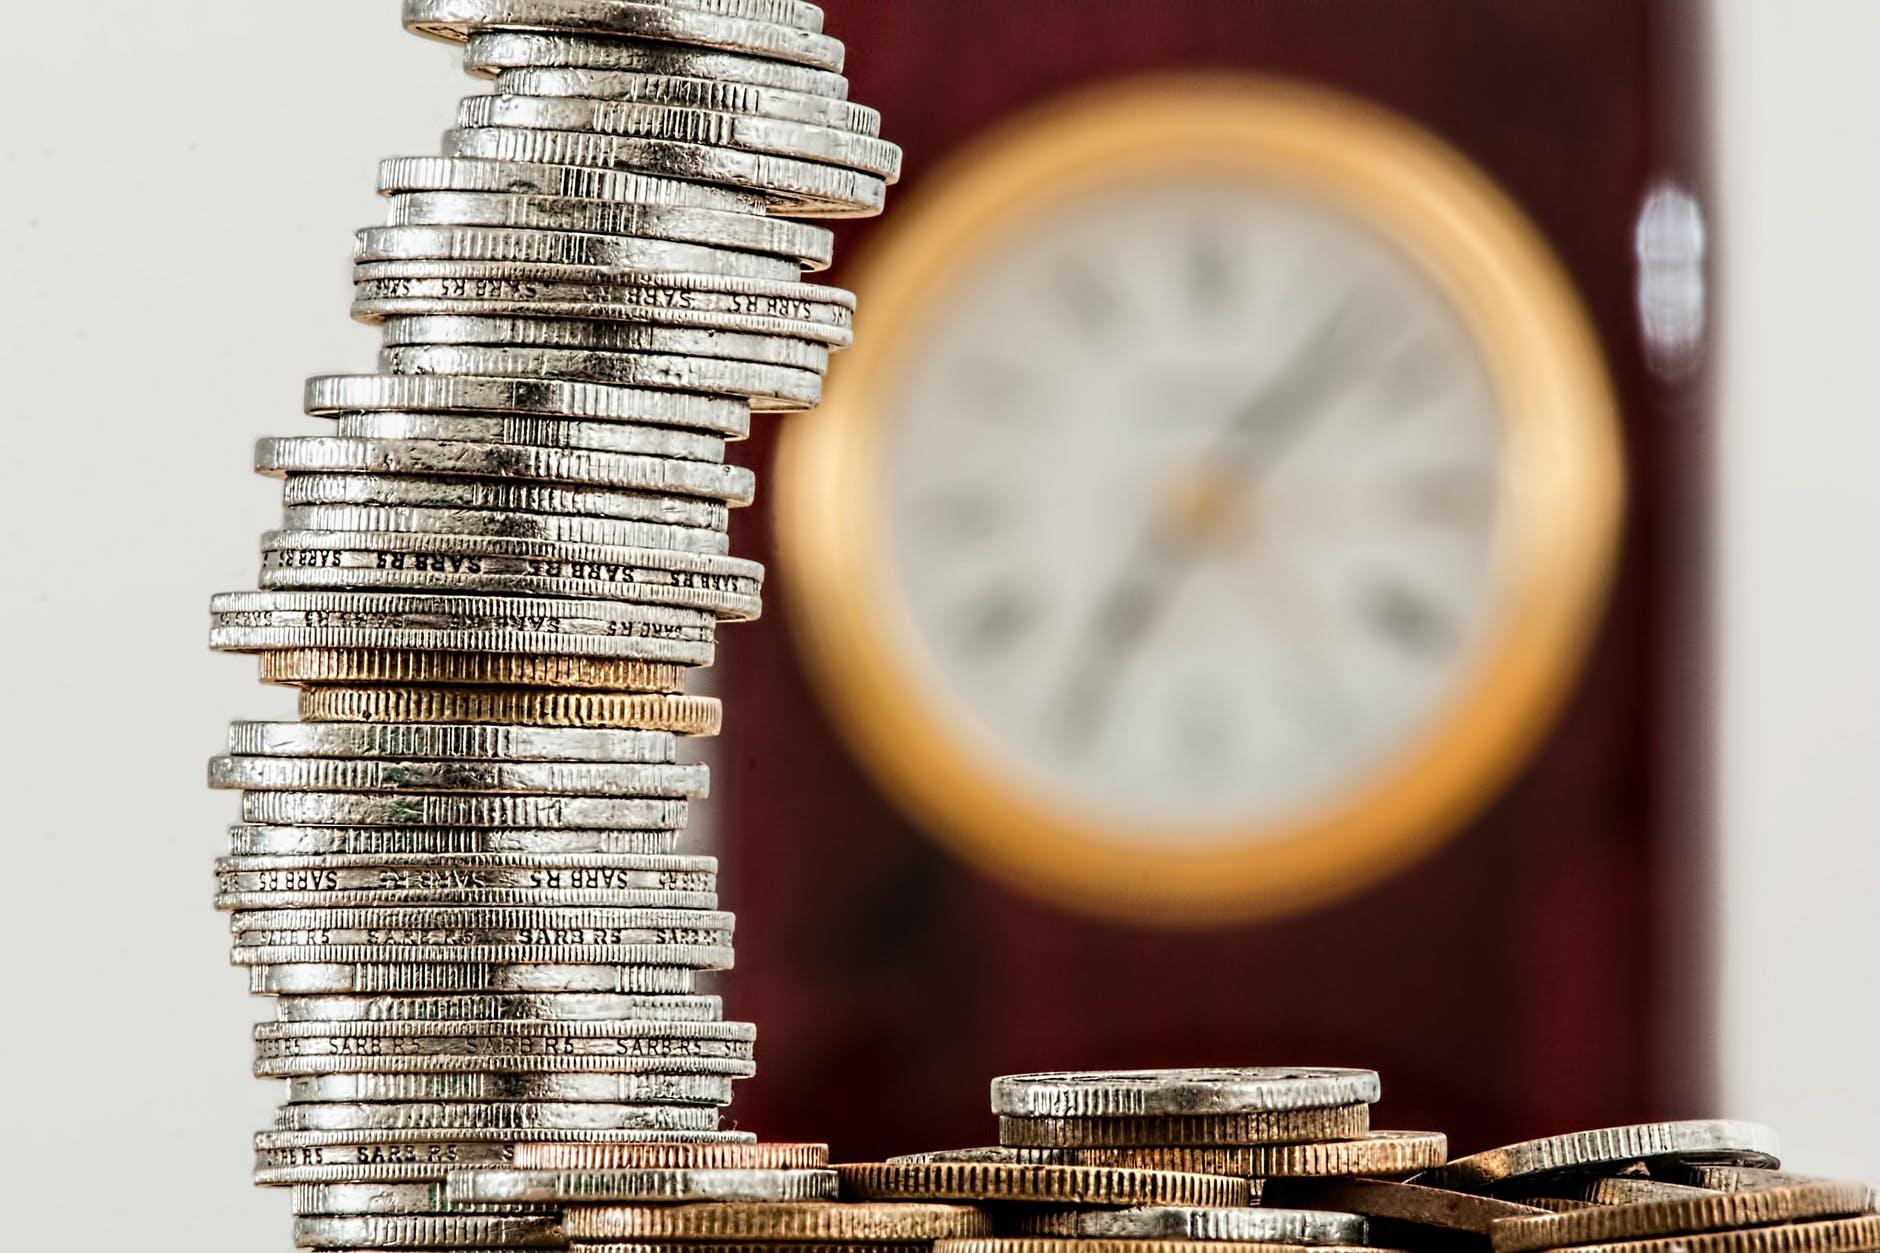 délai de paiement, fournisseur, garantie de l'état, les délais de paiement fournisseur, decret loi de finance, entreprise délai de paiement, bfr, financement